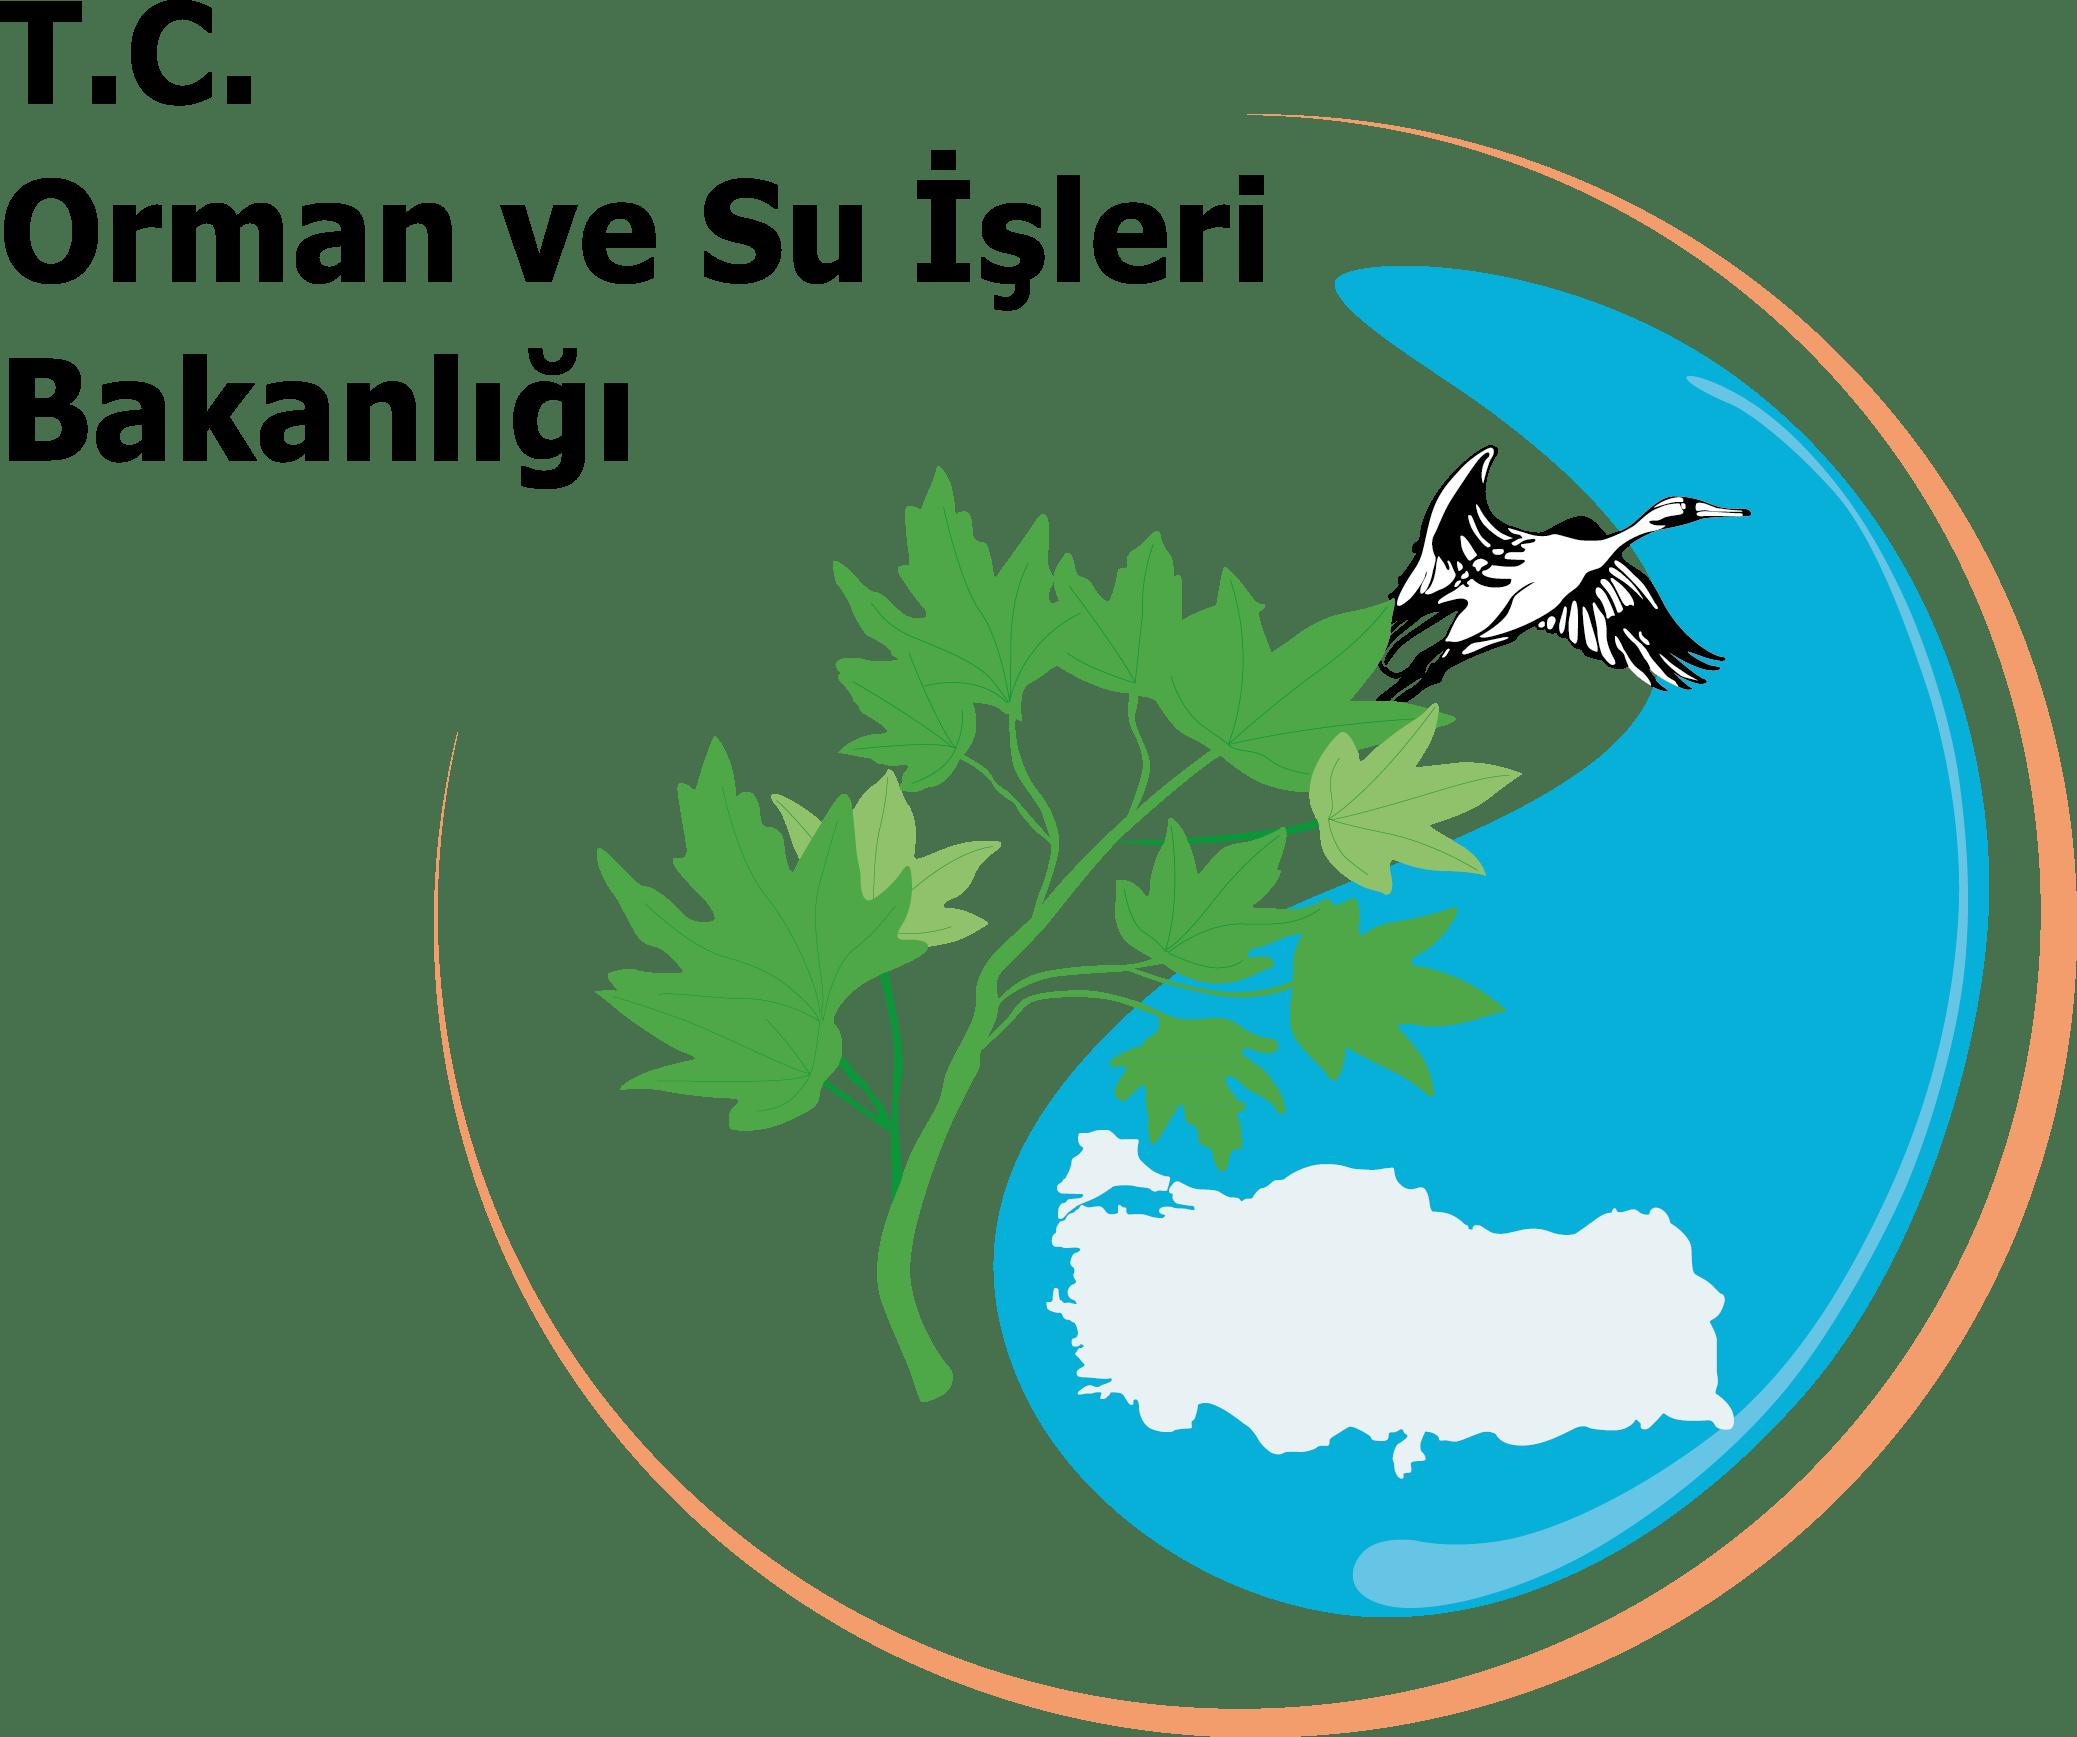 T.C. Orman ve Su İşleri Bakanlığı Logosu [ormansu.gov.tr] png